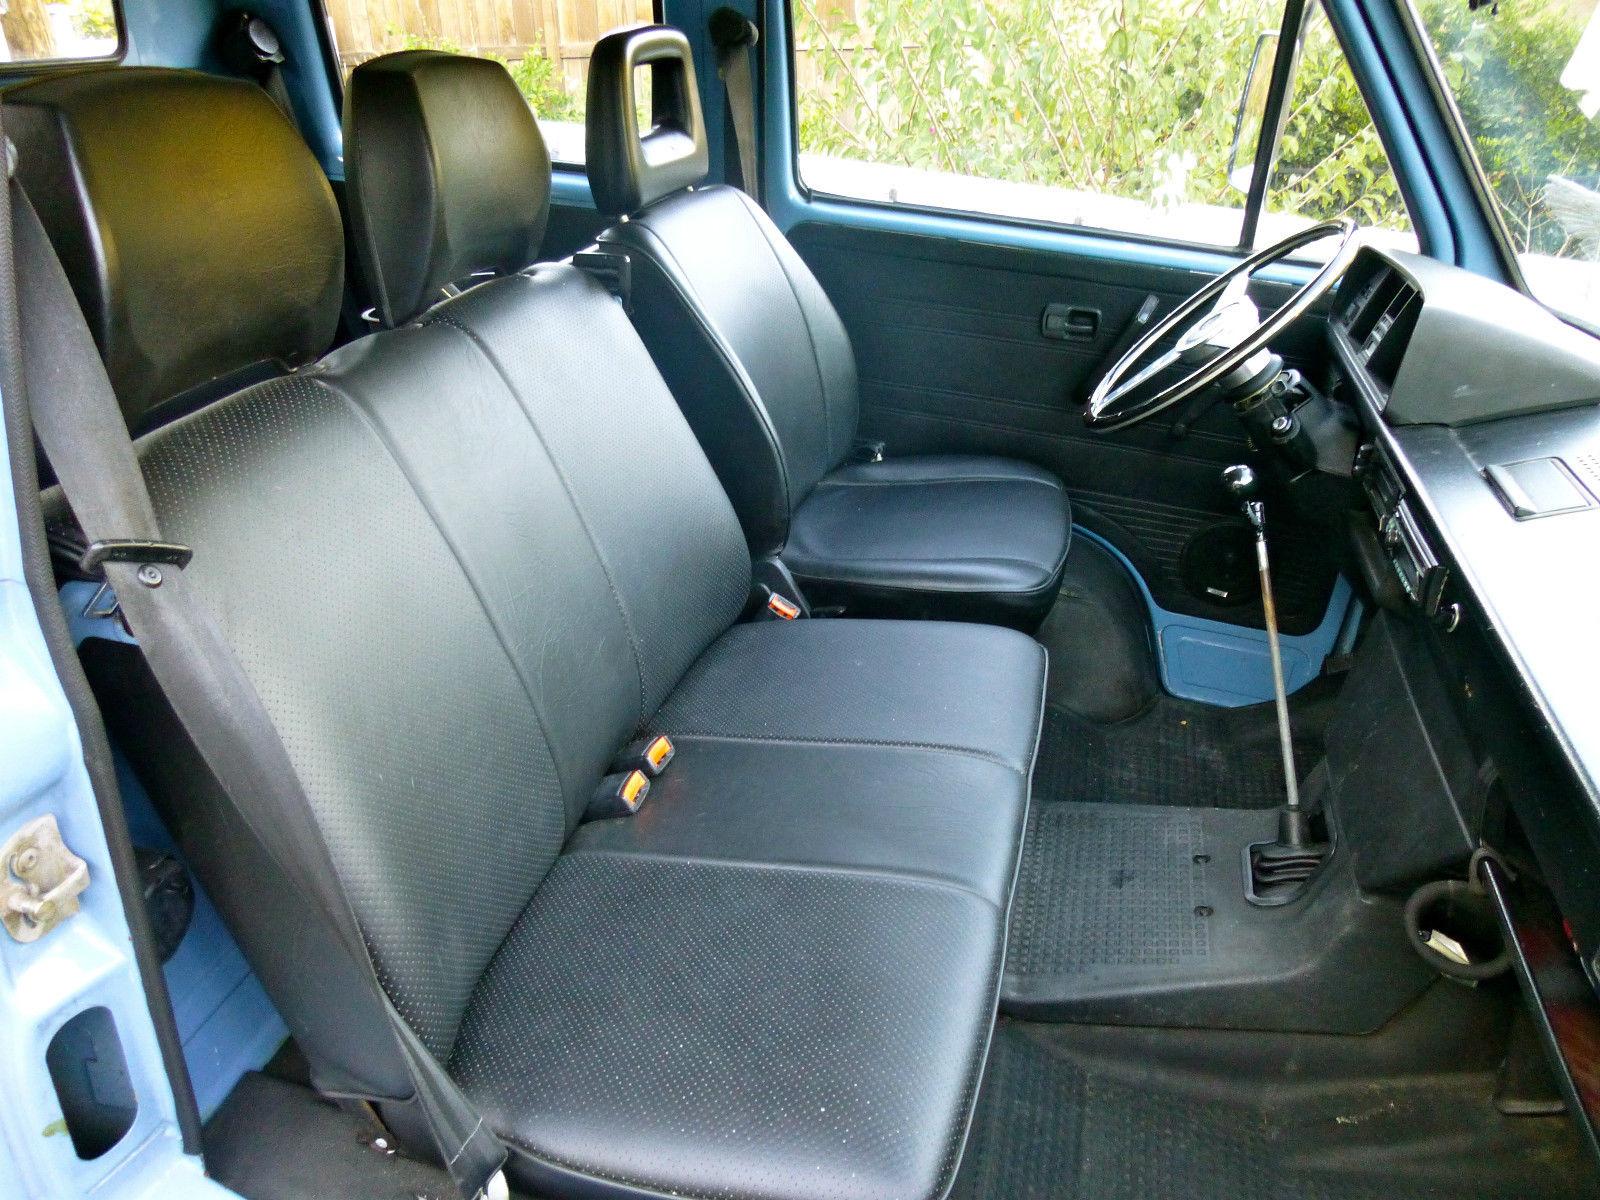 Find of the Day: 1982 Volkswagen Vanagon Doka - VWVortex